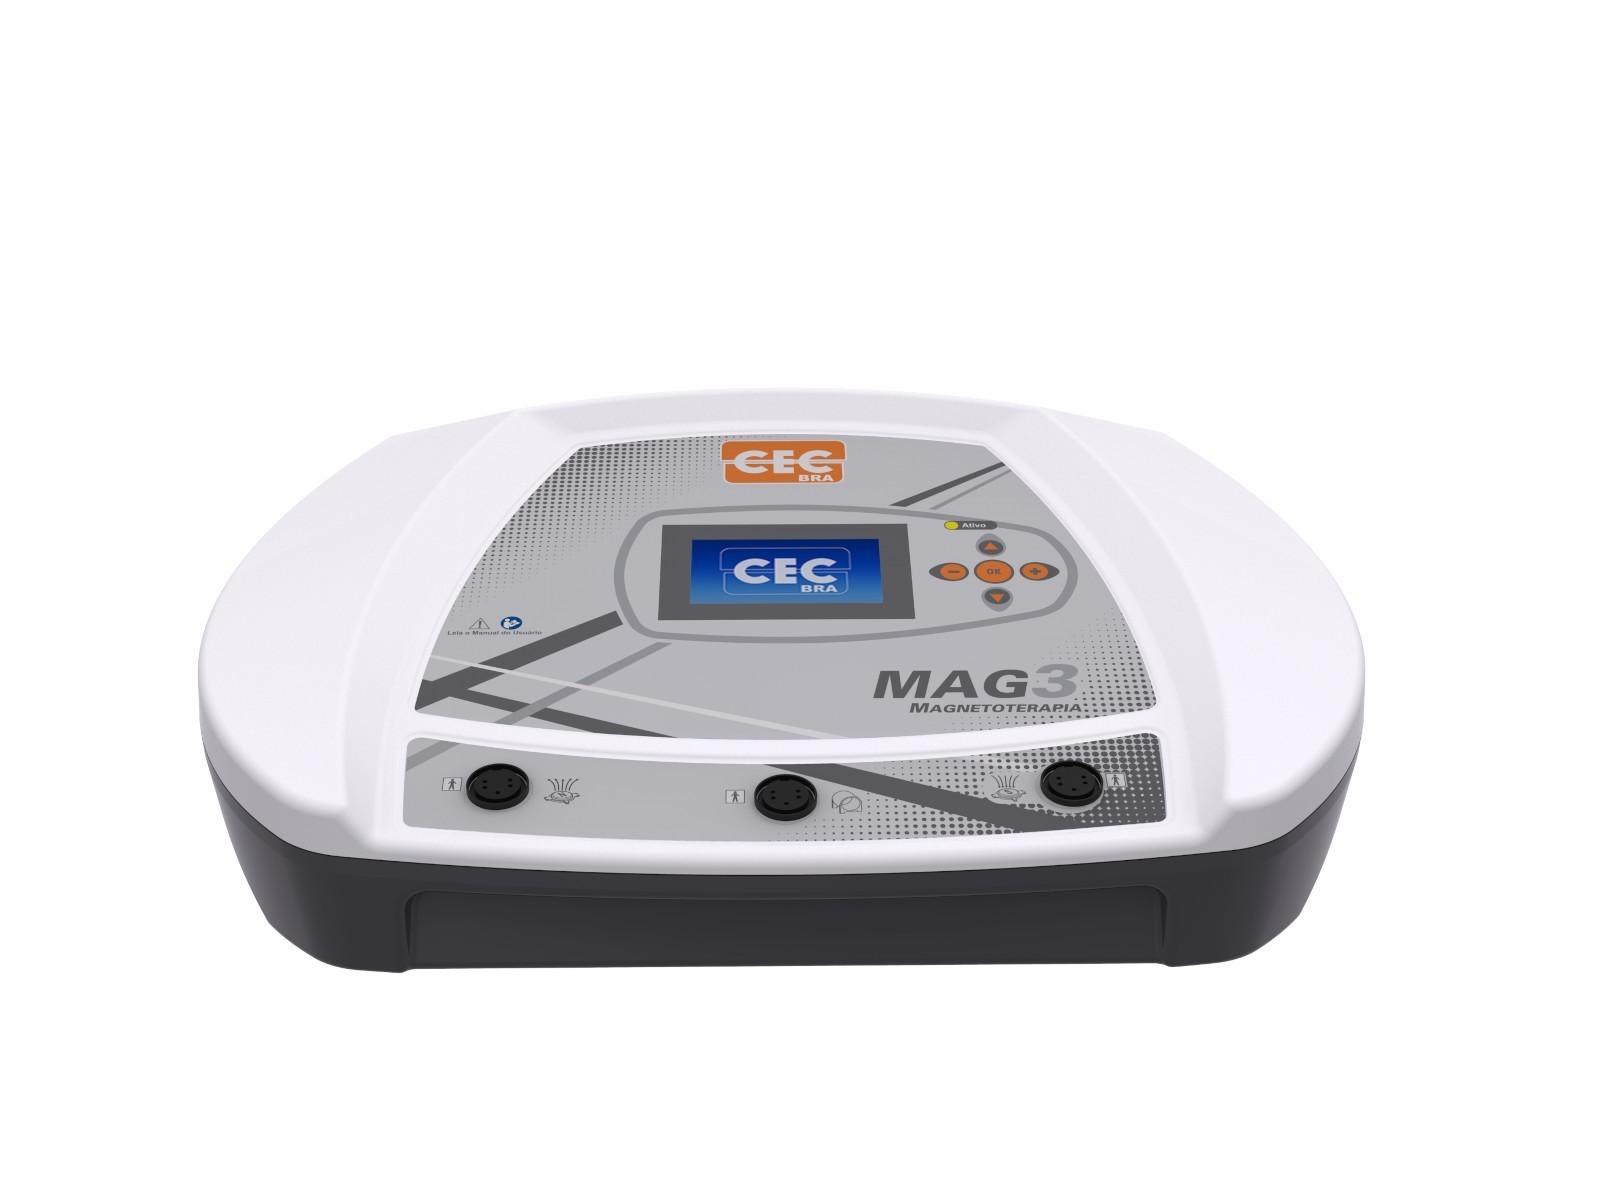 MAG 3 - Magnetoterapia 3 Canais 150 Gauss - CECBRA